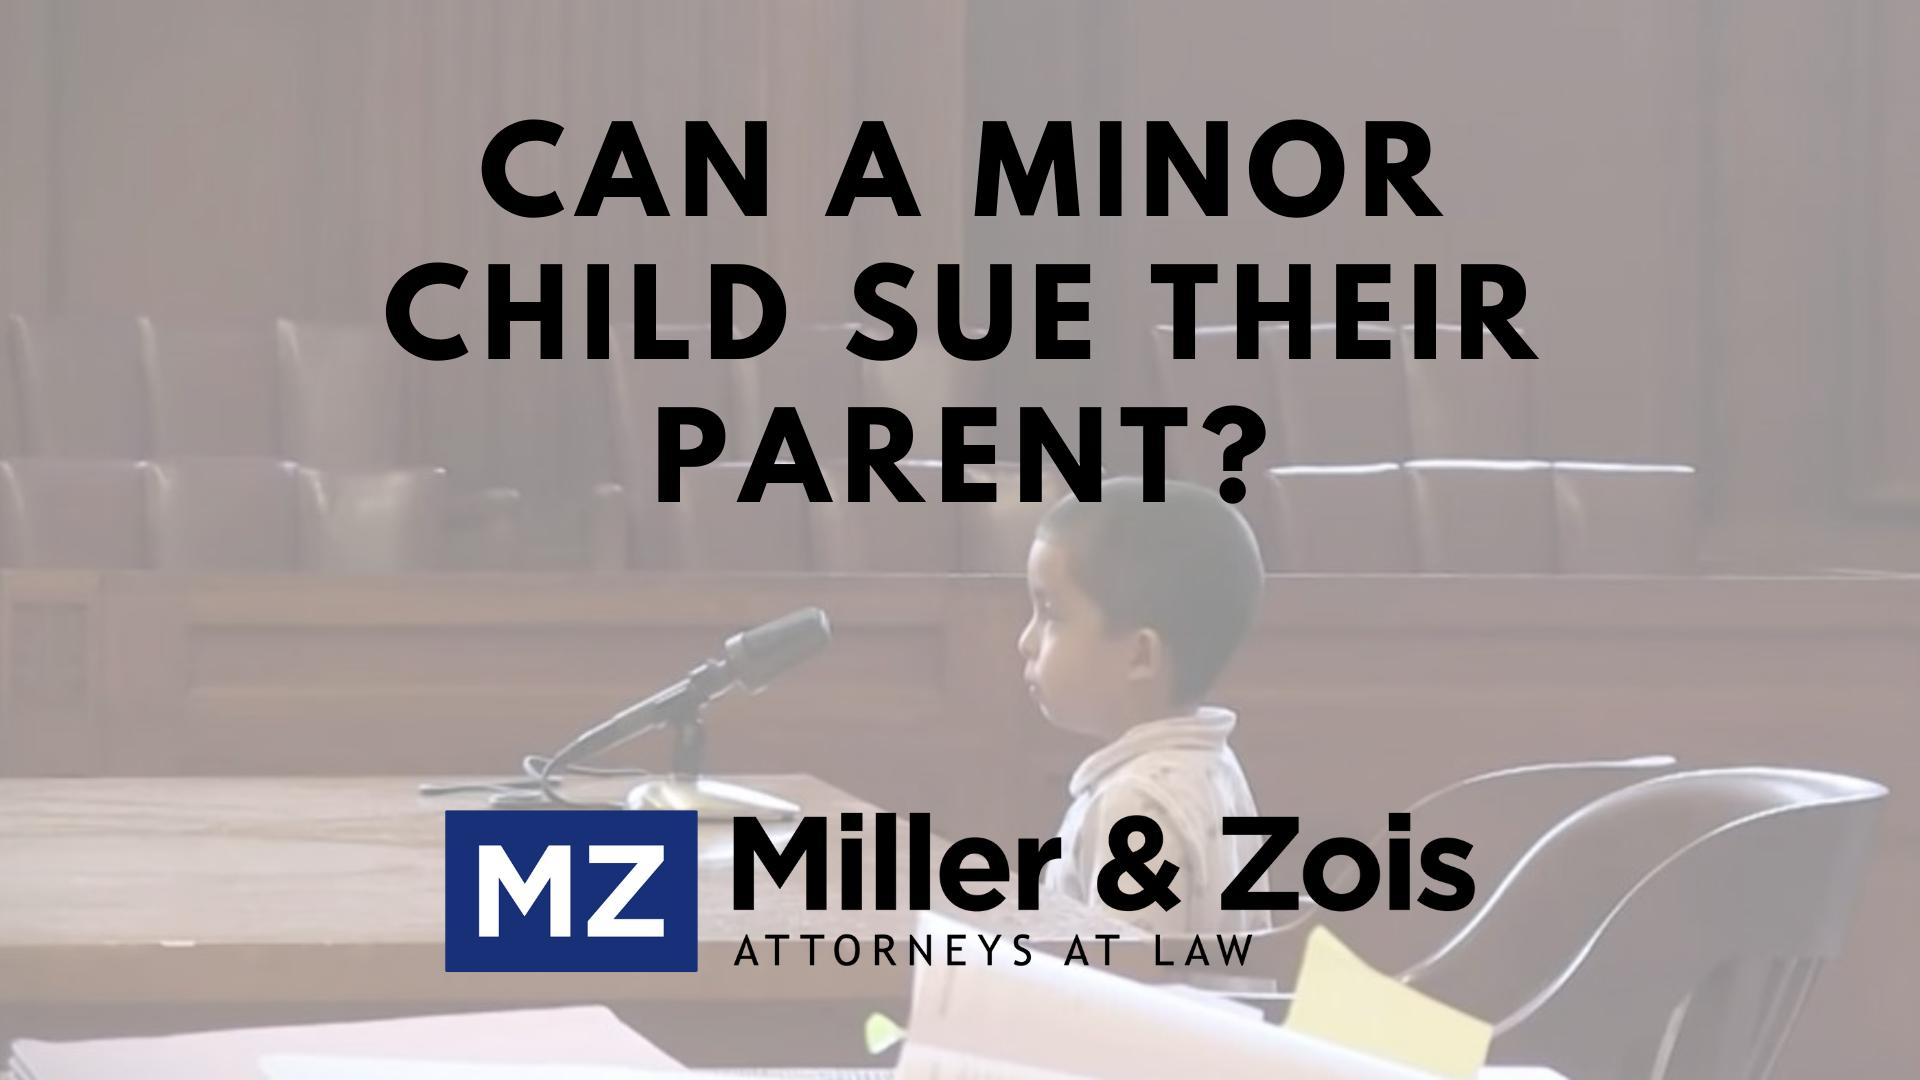 child sues parent